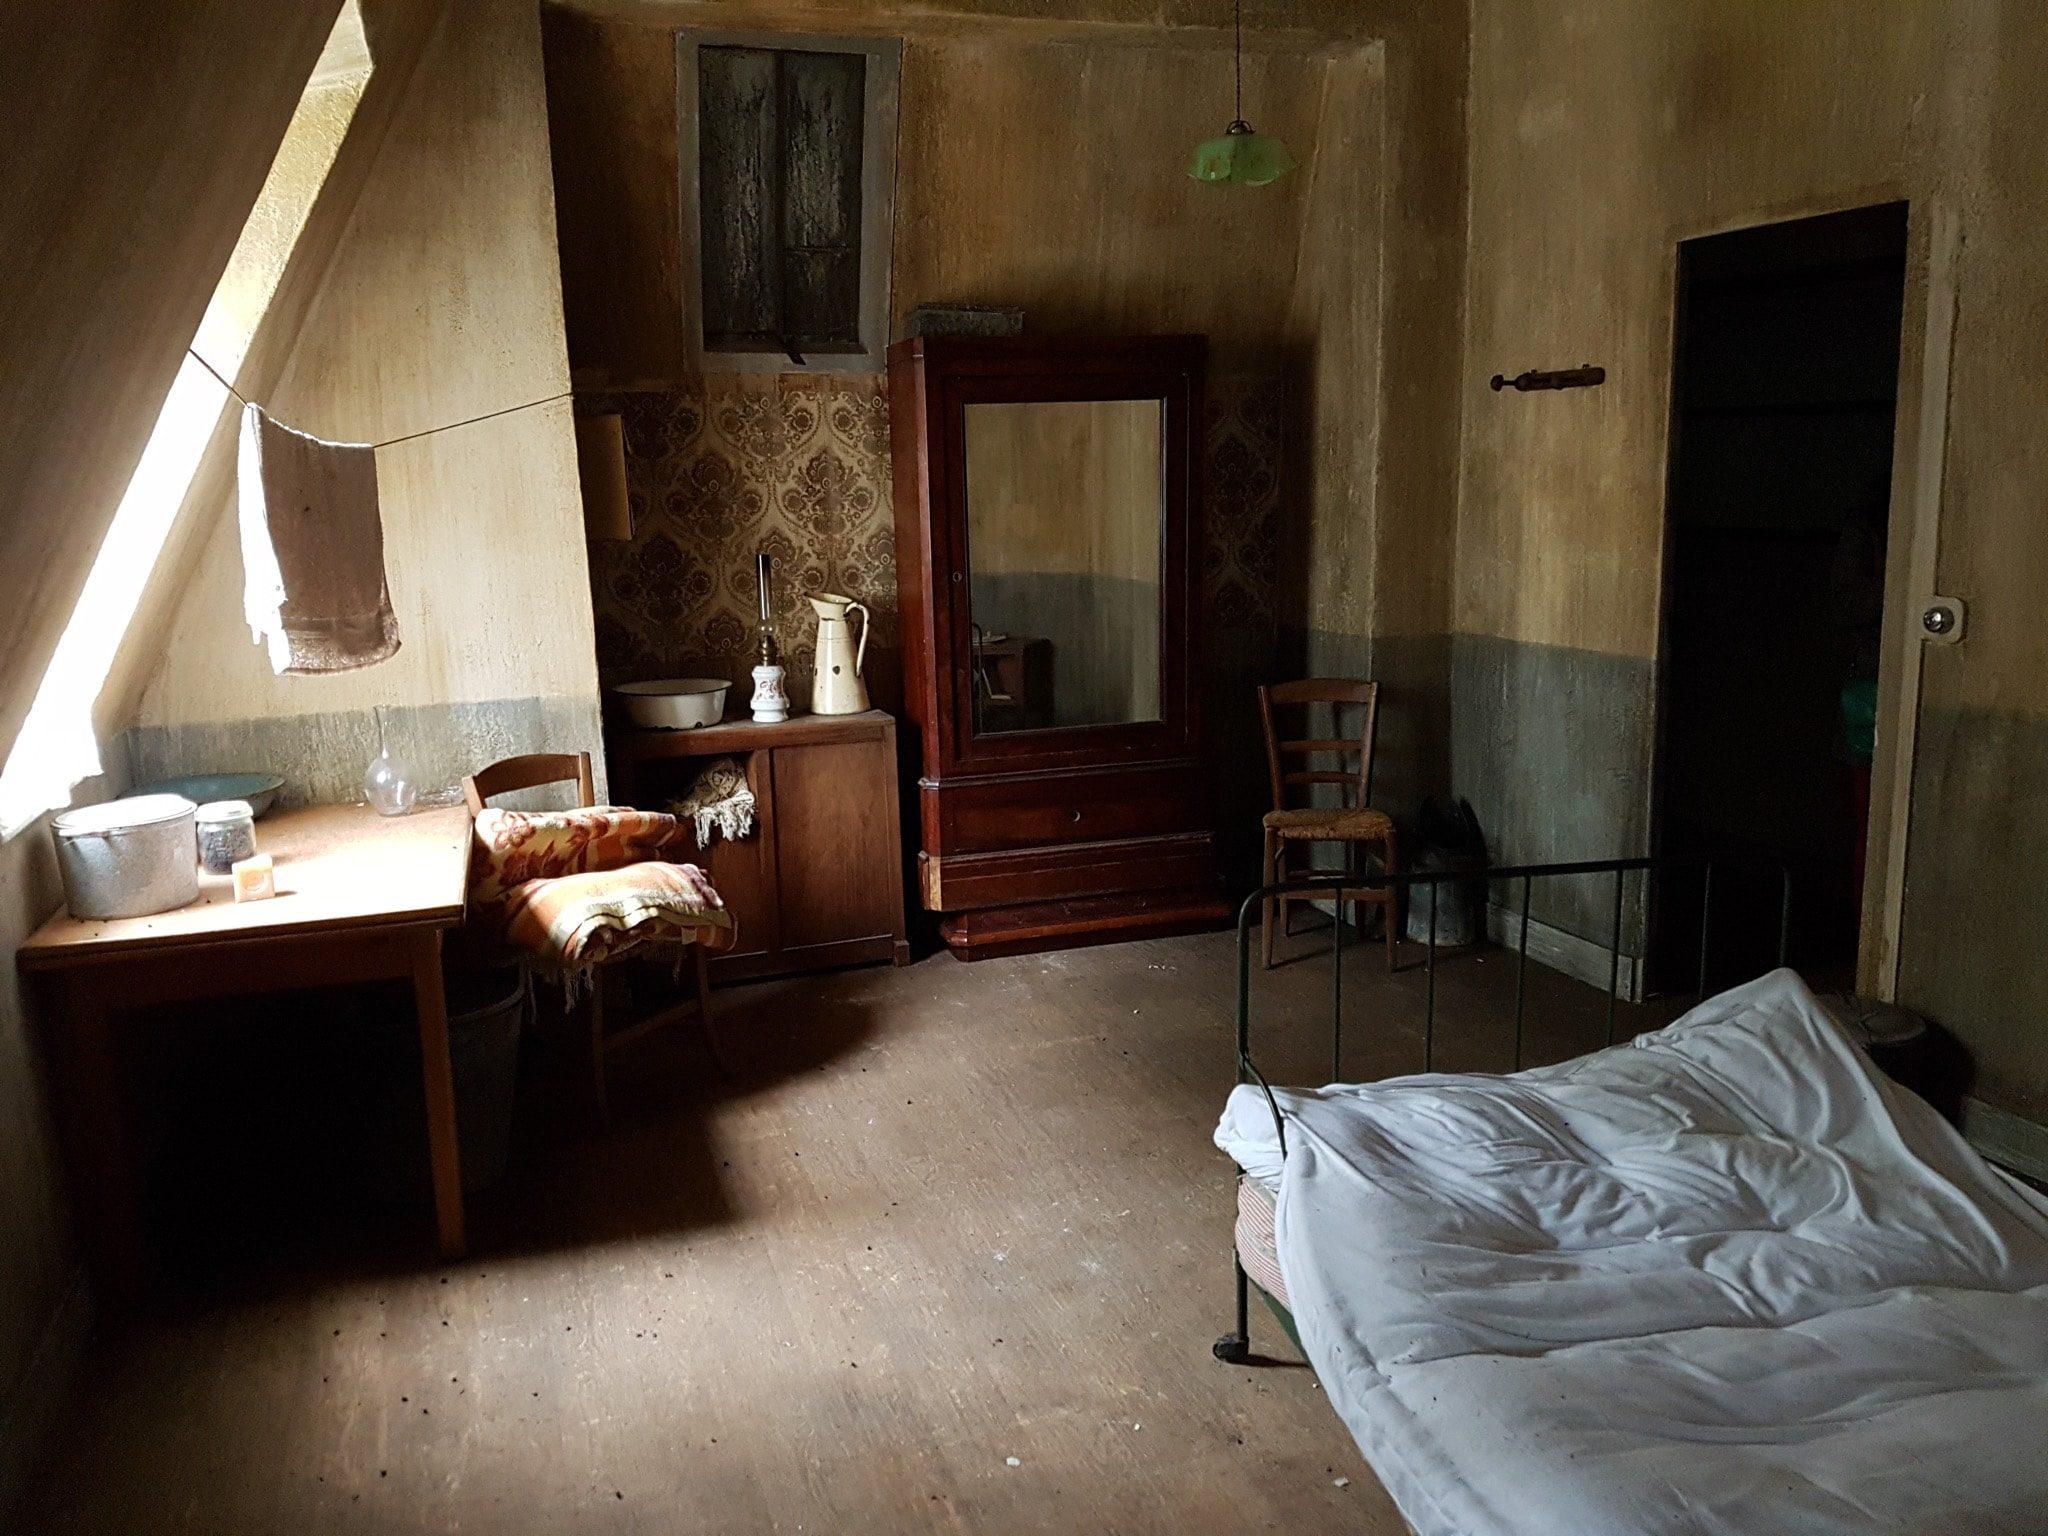 un-village-francais-image-chambres-jean-marchetti-ezechiel-et-eliane-3